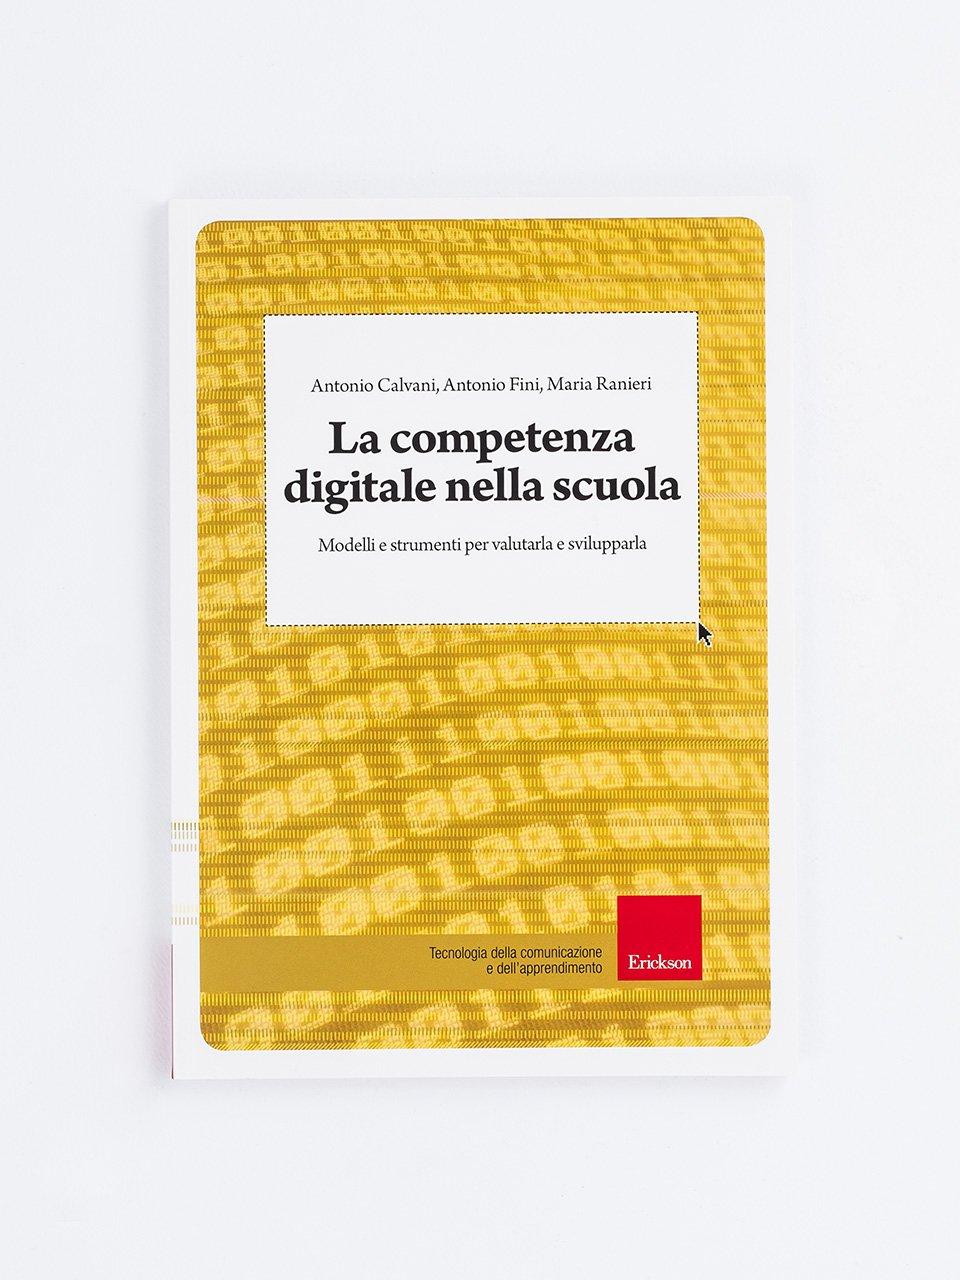 La competenza digitale nella scuola - Competenze e valutazione metodologica - Libri - Erickson